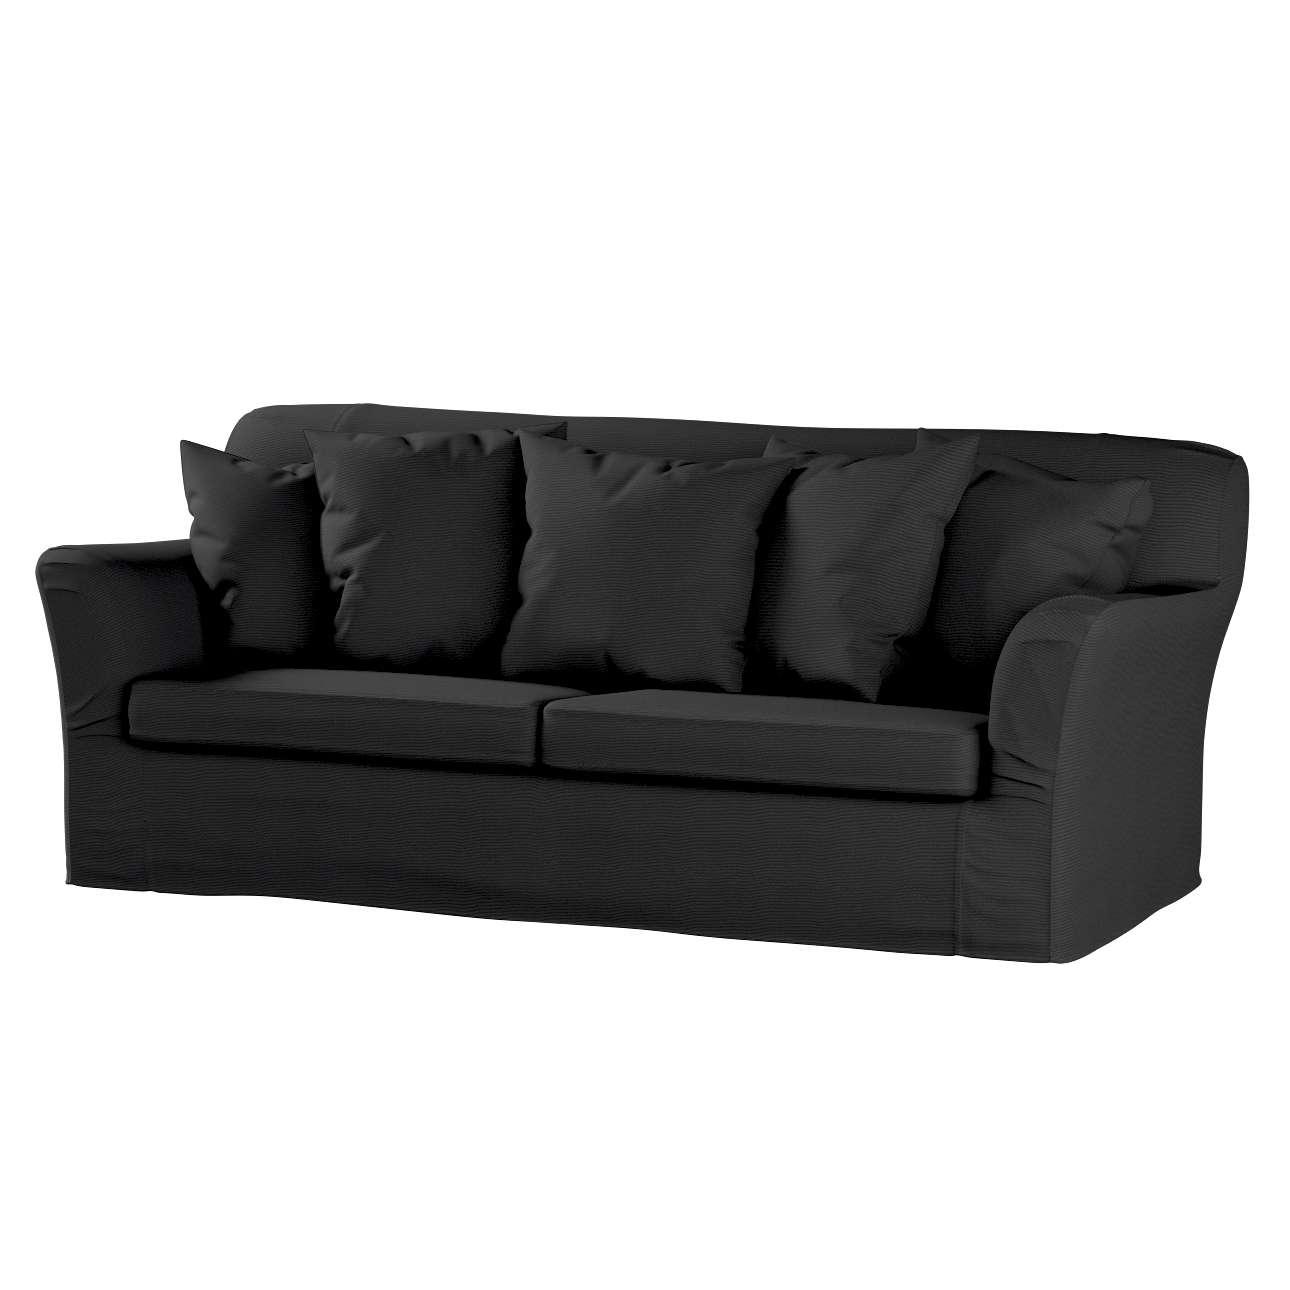 TOMELILLA trivietės sofos lovos užvalkalas TOMELILLA trivietė sofa lova kolekcijoje Etna , audinys: 705-00